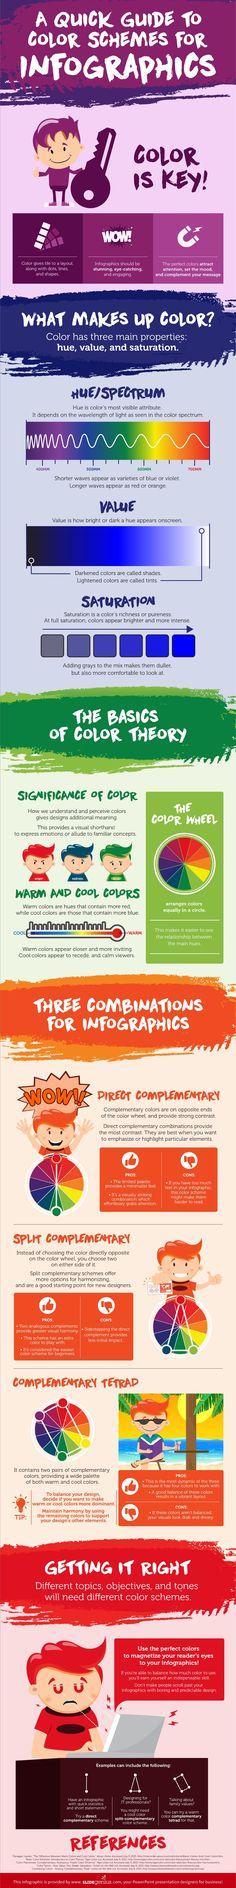 Hola: Una infografía con 3 esquemas de color para dar vida a tus infografías. Un saludo Infographic by Venngage.